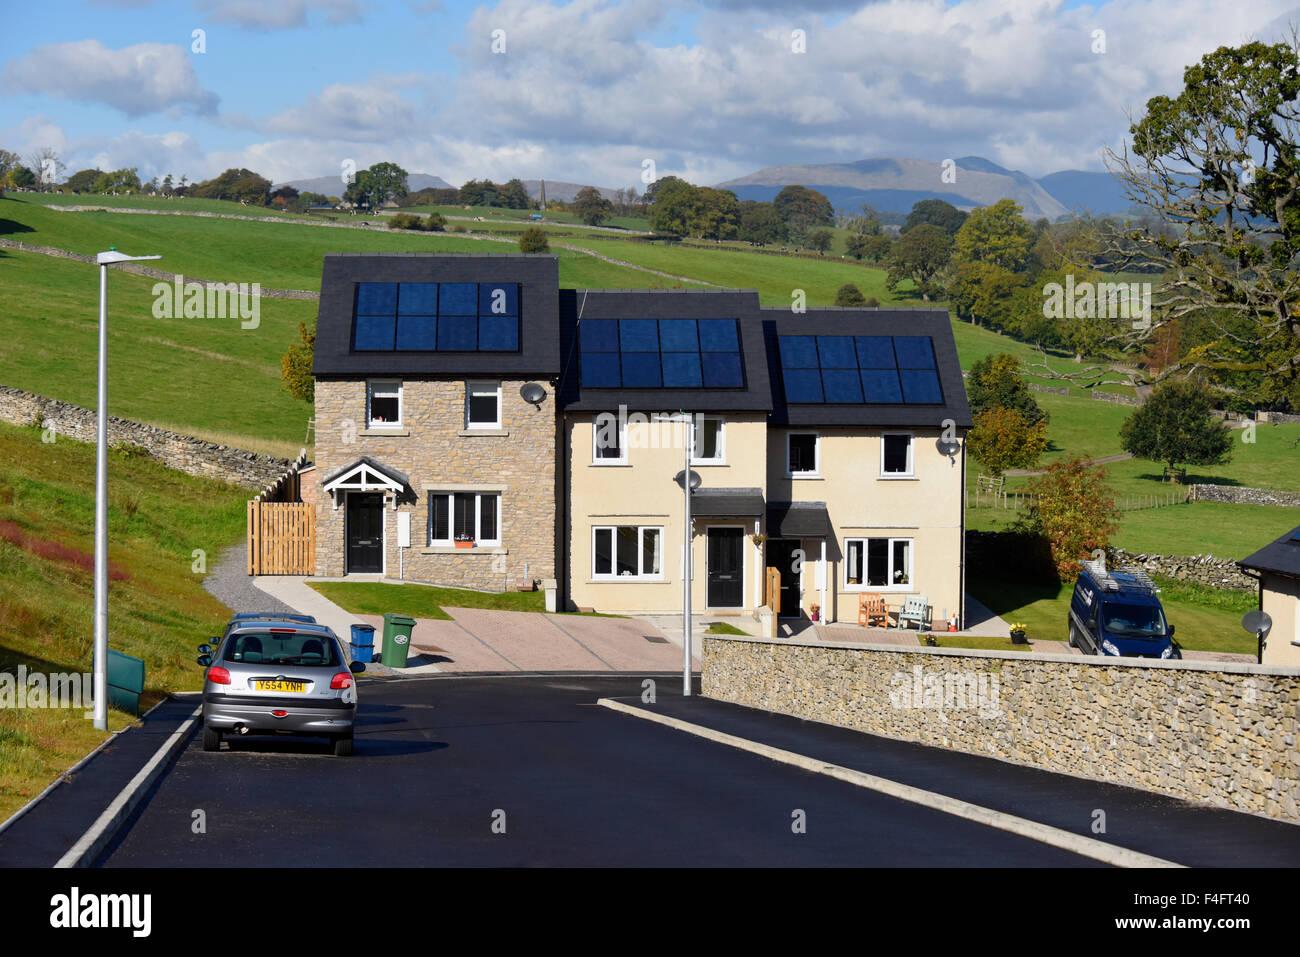 Nuevos edificios para viviendas asequibles con paneles solares en el techo. Aumento Abeto, en Kendal, Cumbria, Inglaterra, Imagen De Stock